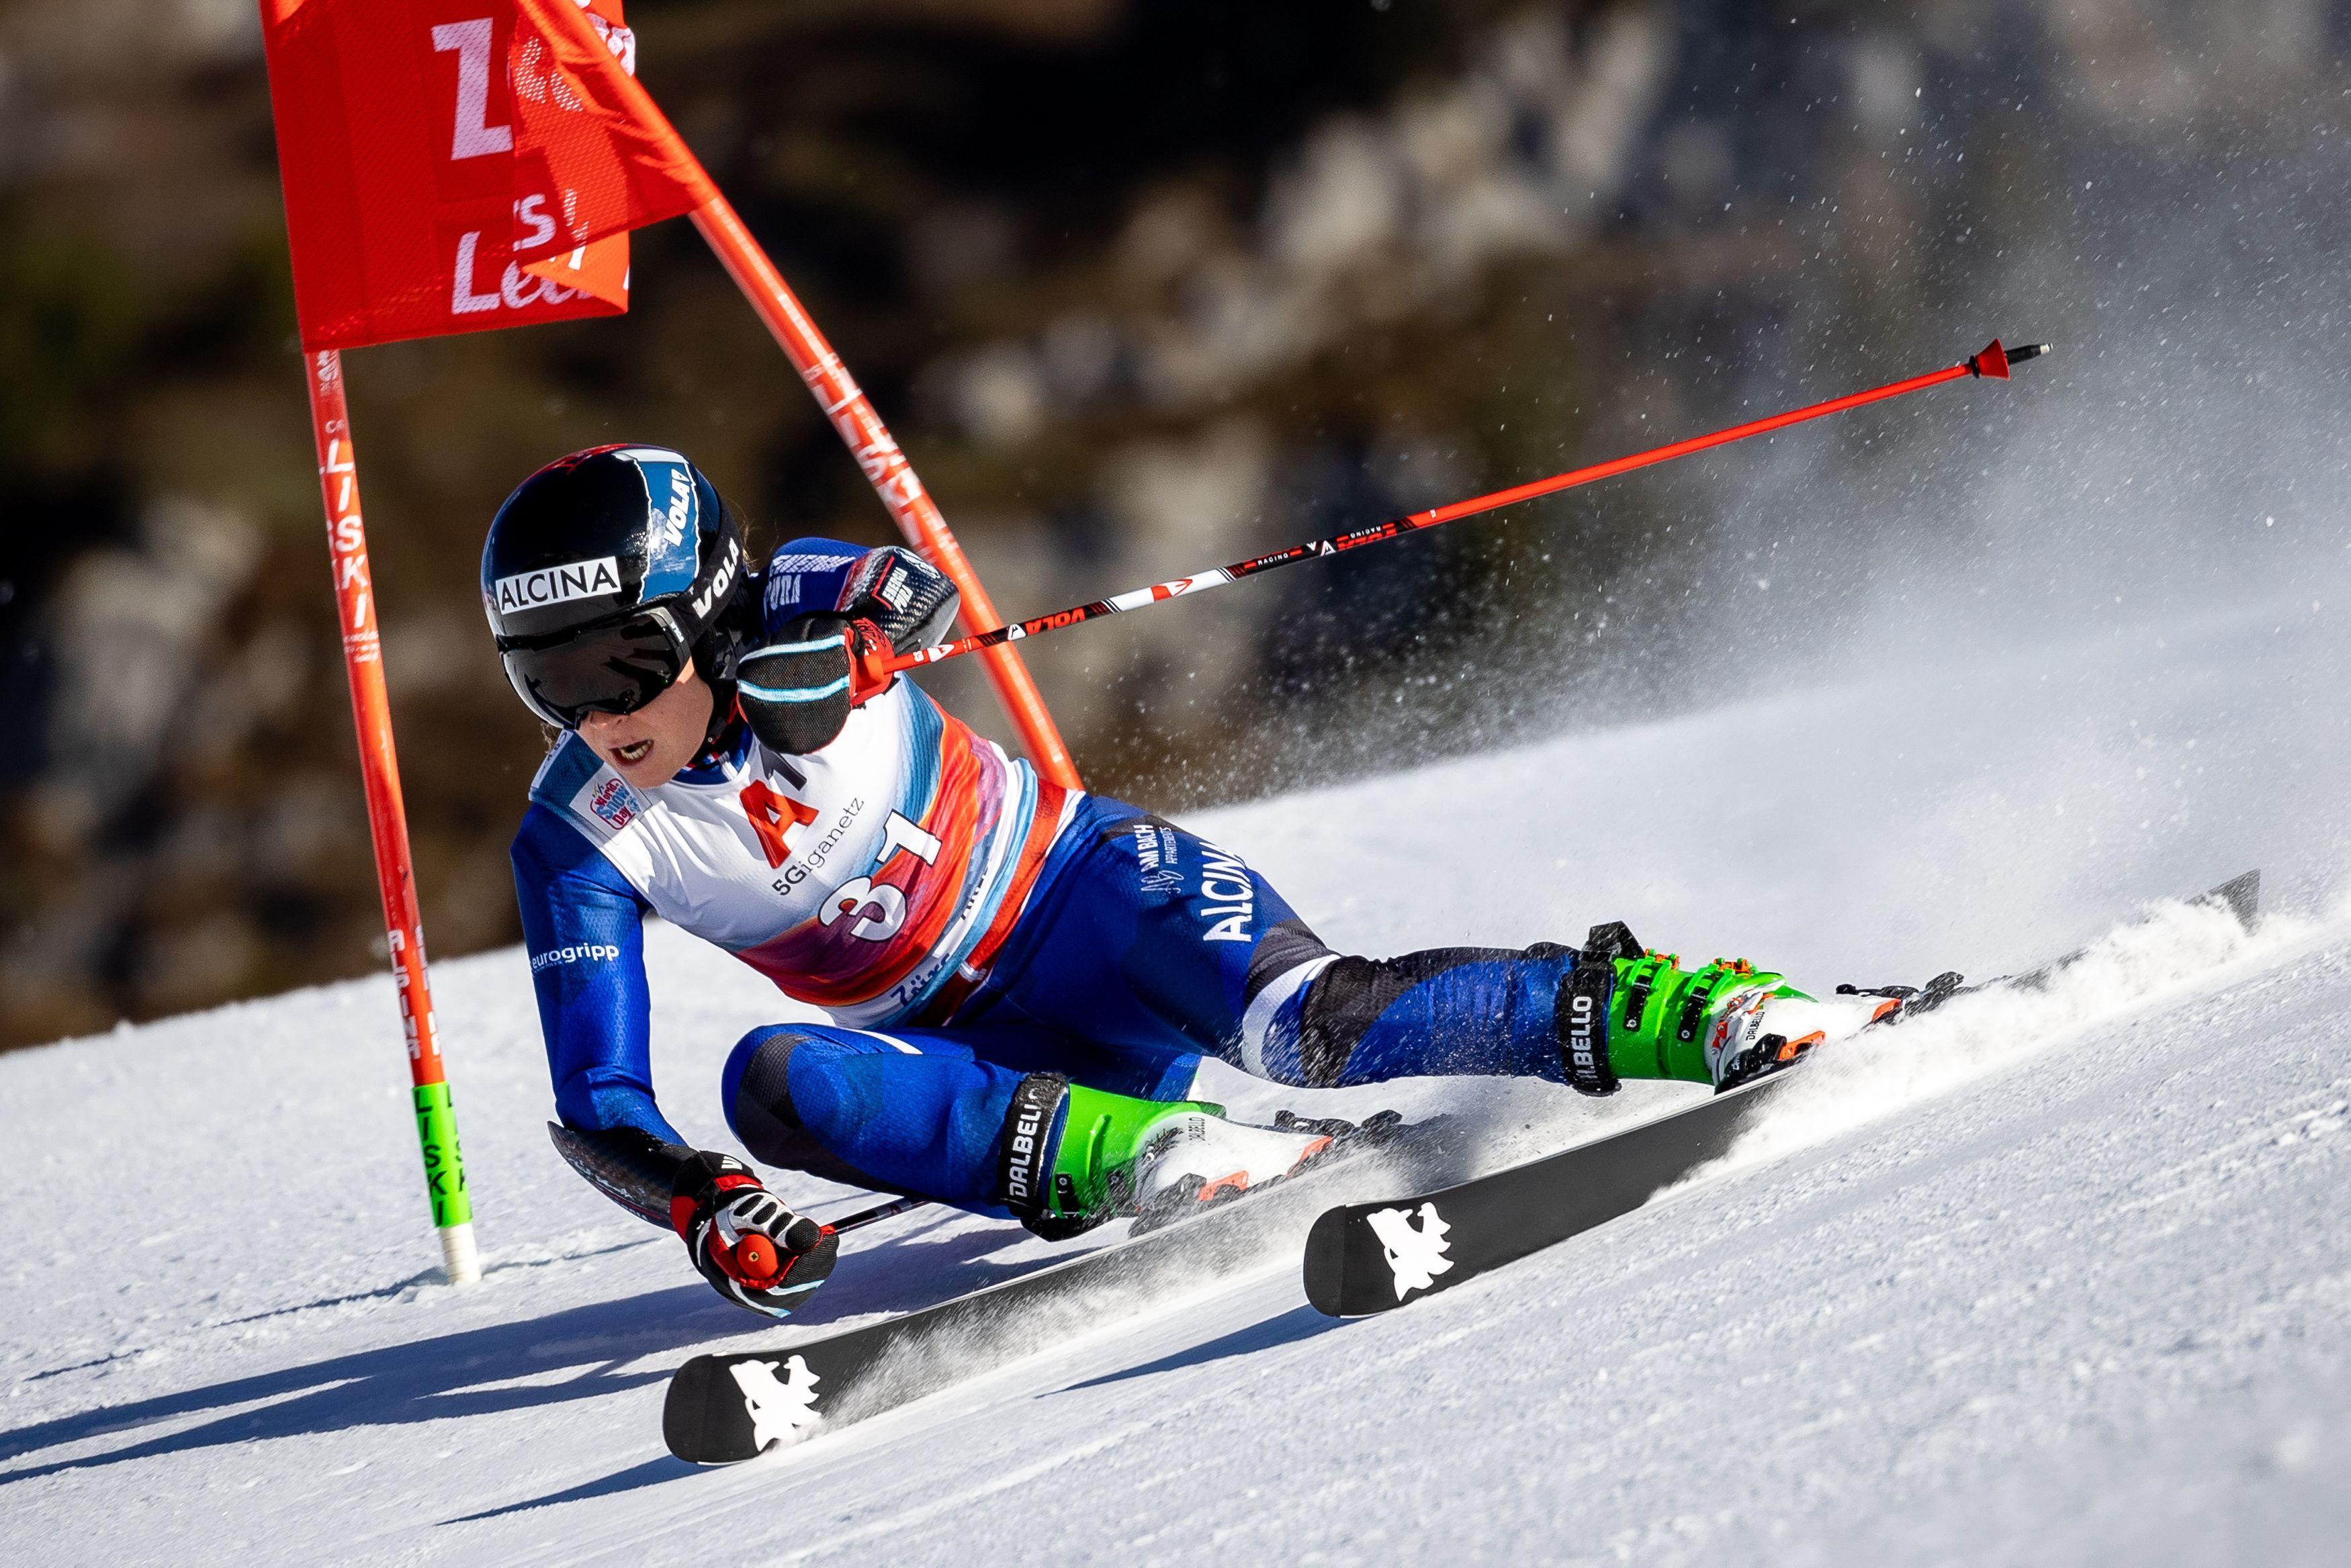 Historische prestatie skiester Jelinkova: 'Ik heb sinds lange tijd plezier beleefd'